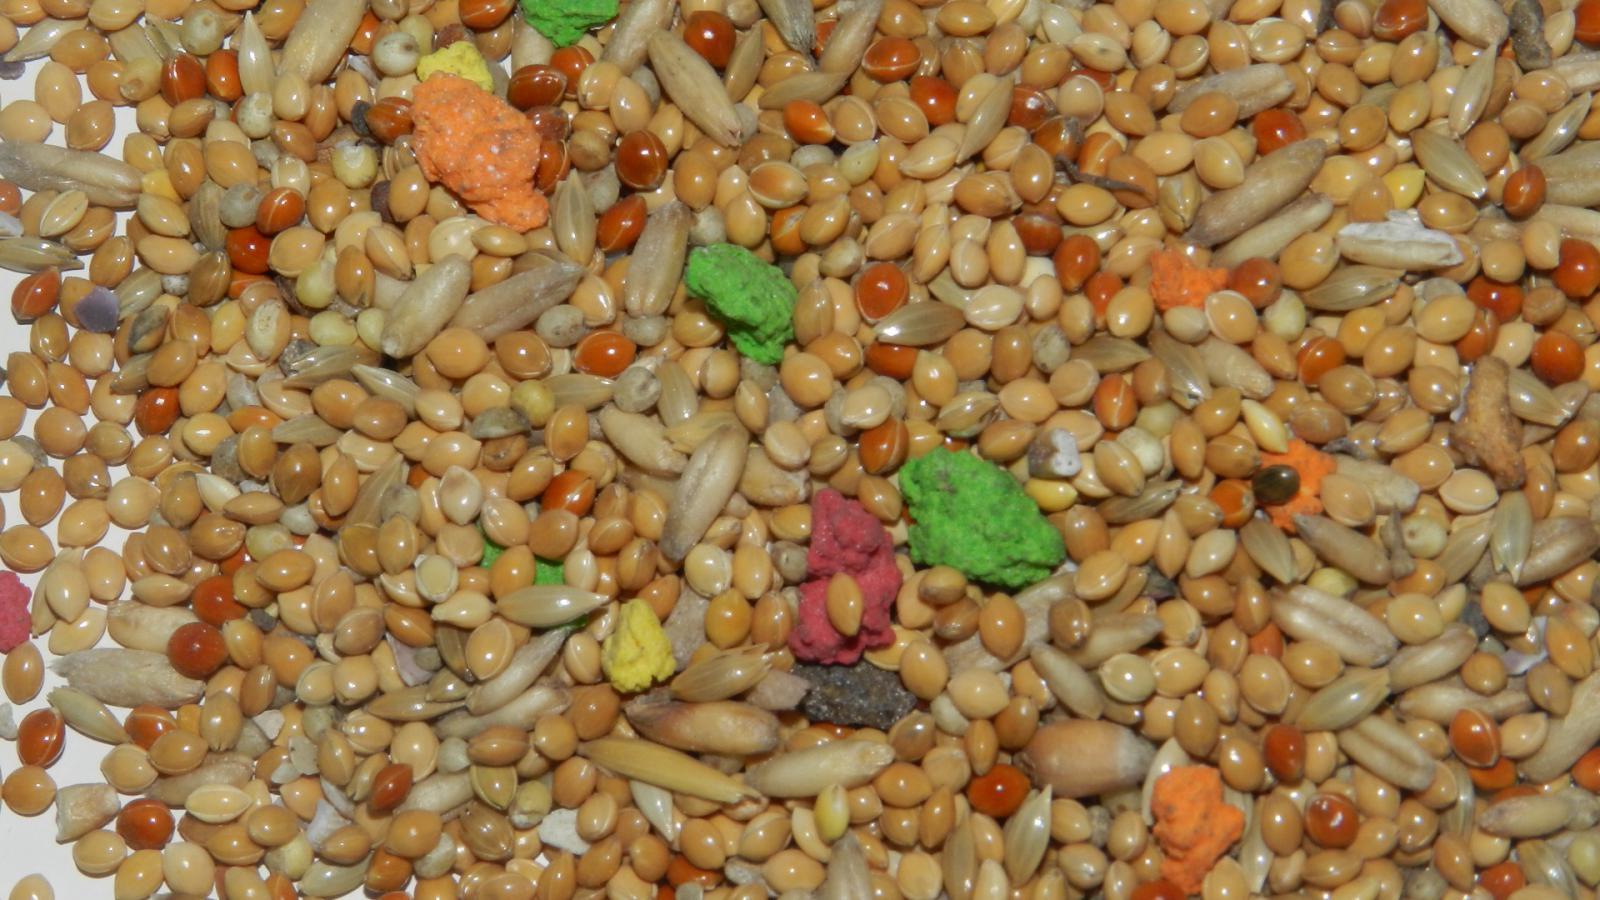 Яркие кусочки печенья, натуральность краски вызывает сомнения - DSCN9213.JPG